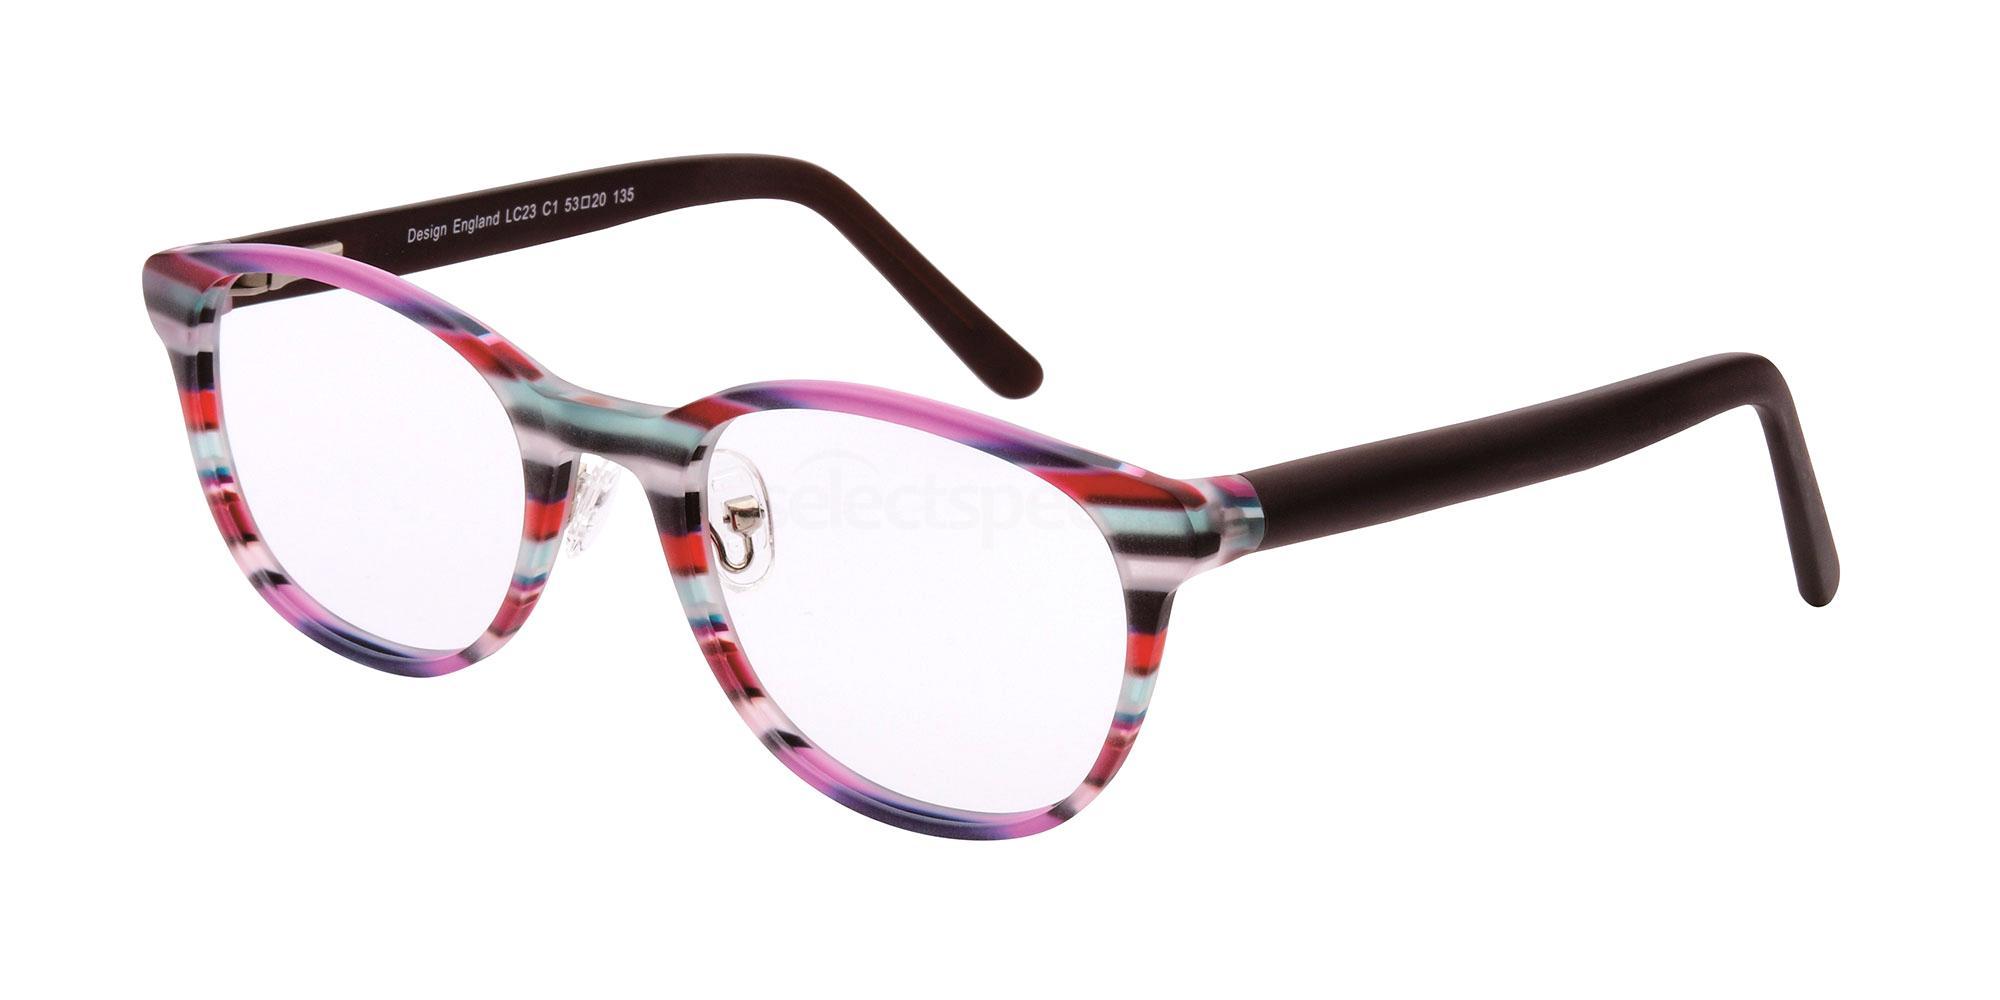 C1 LC23 Glasses, London Club